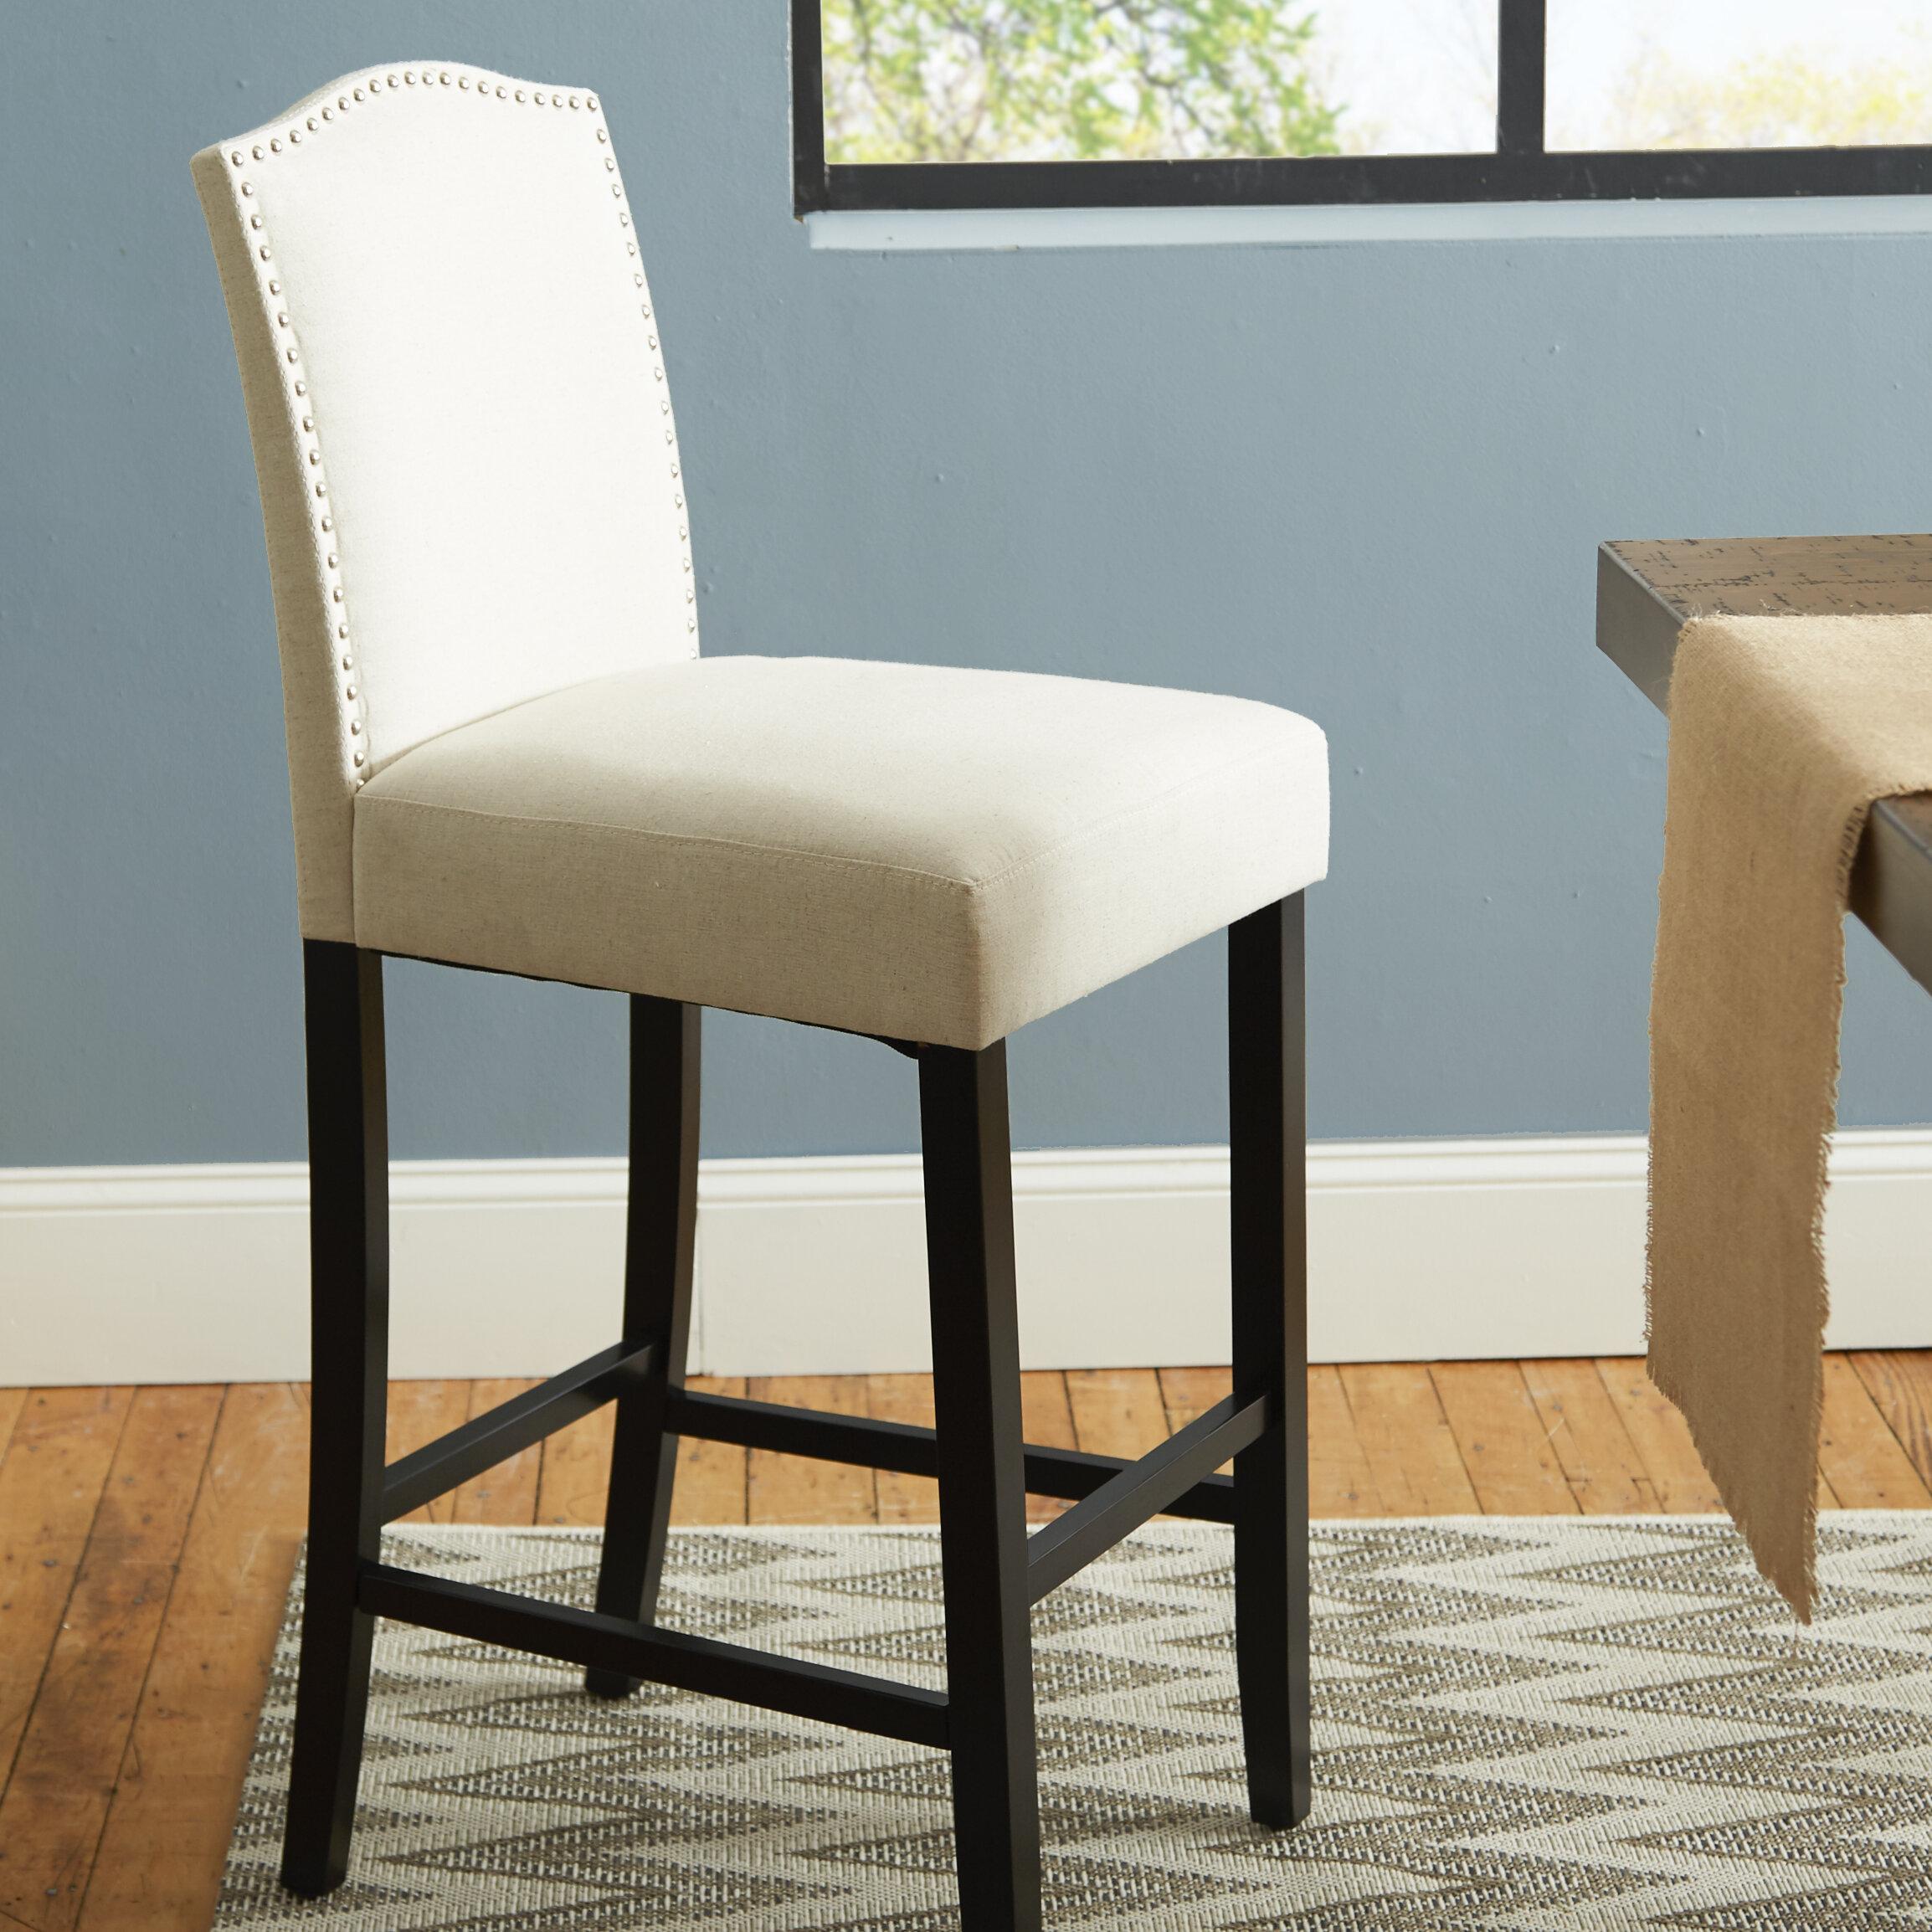 Alcott hill baltimore 30 bar stool reviews wayfair